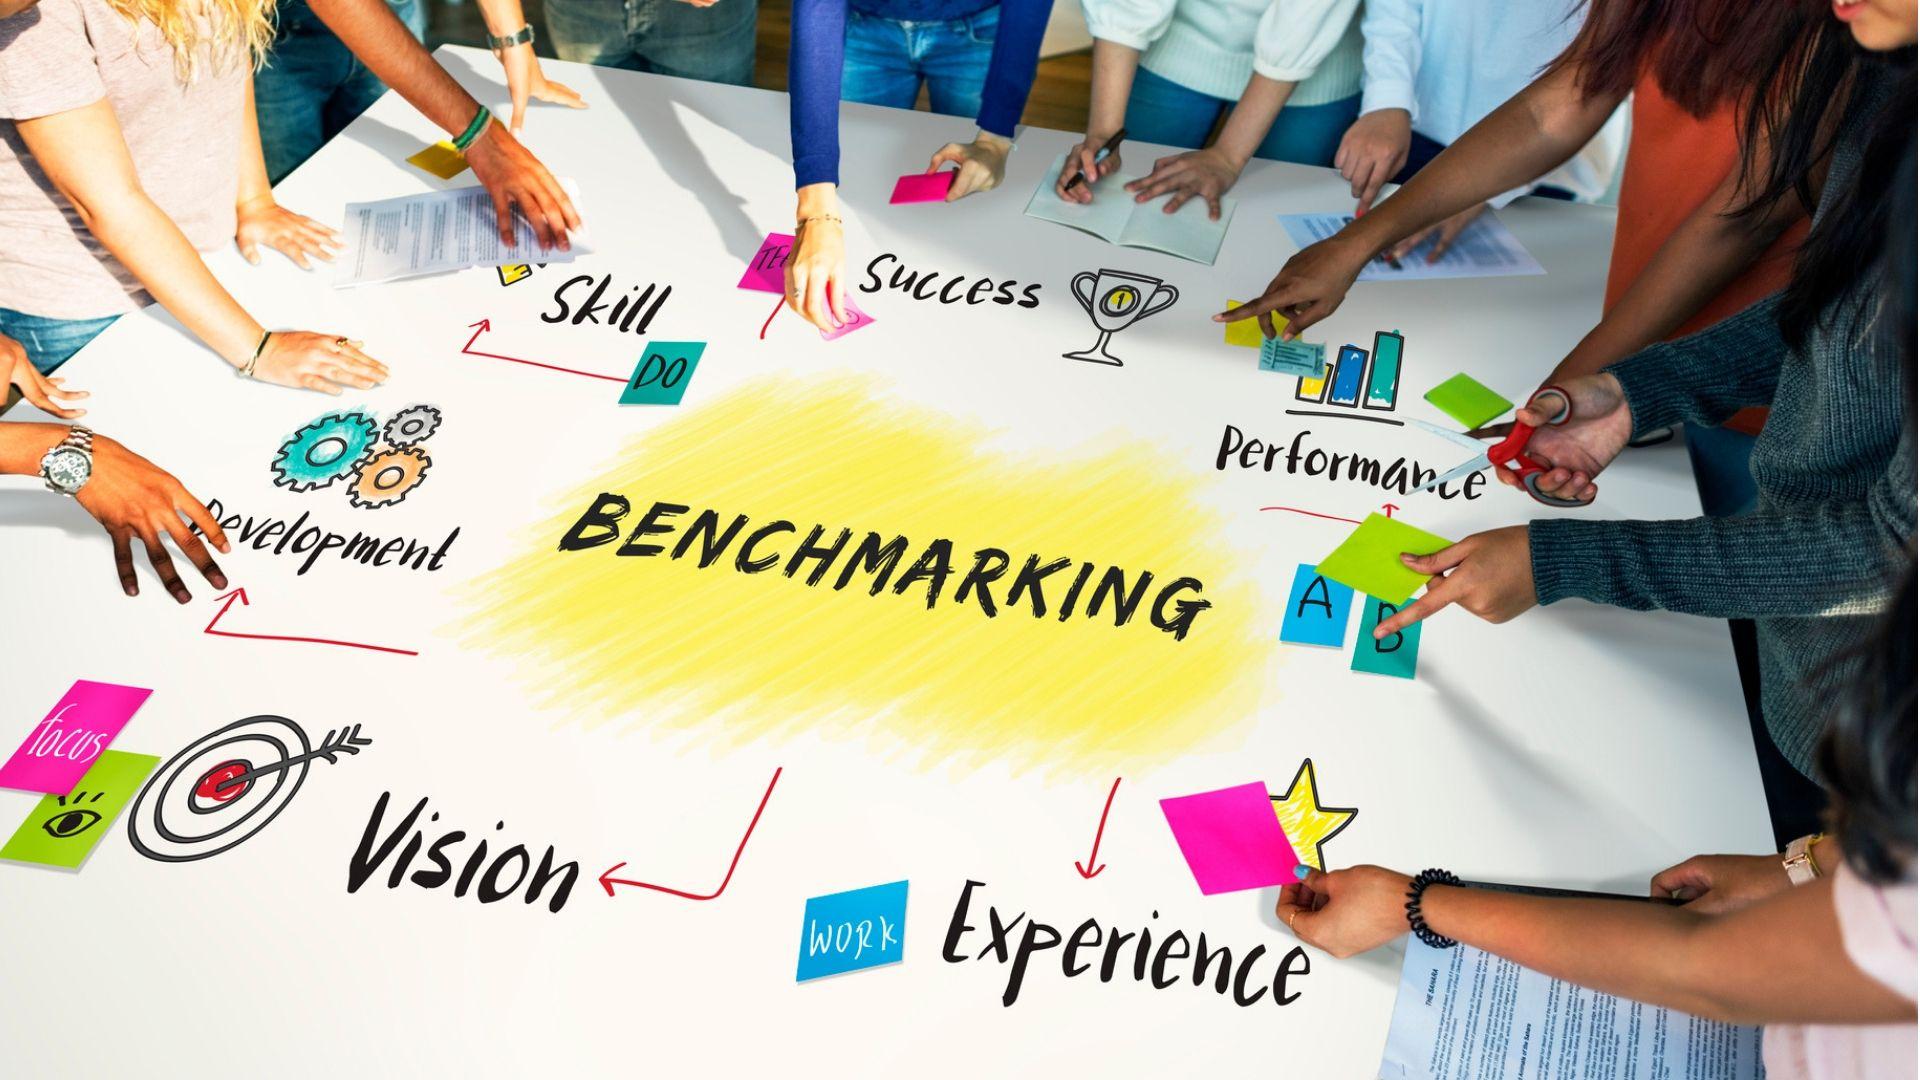 Qué es el benchmarking y por qué deberías aplicarlo en tu estrategia de marketing digital